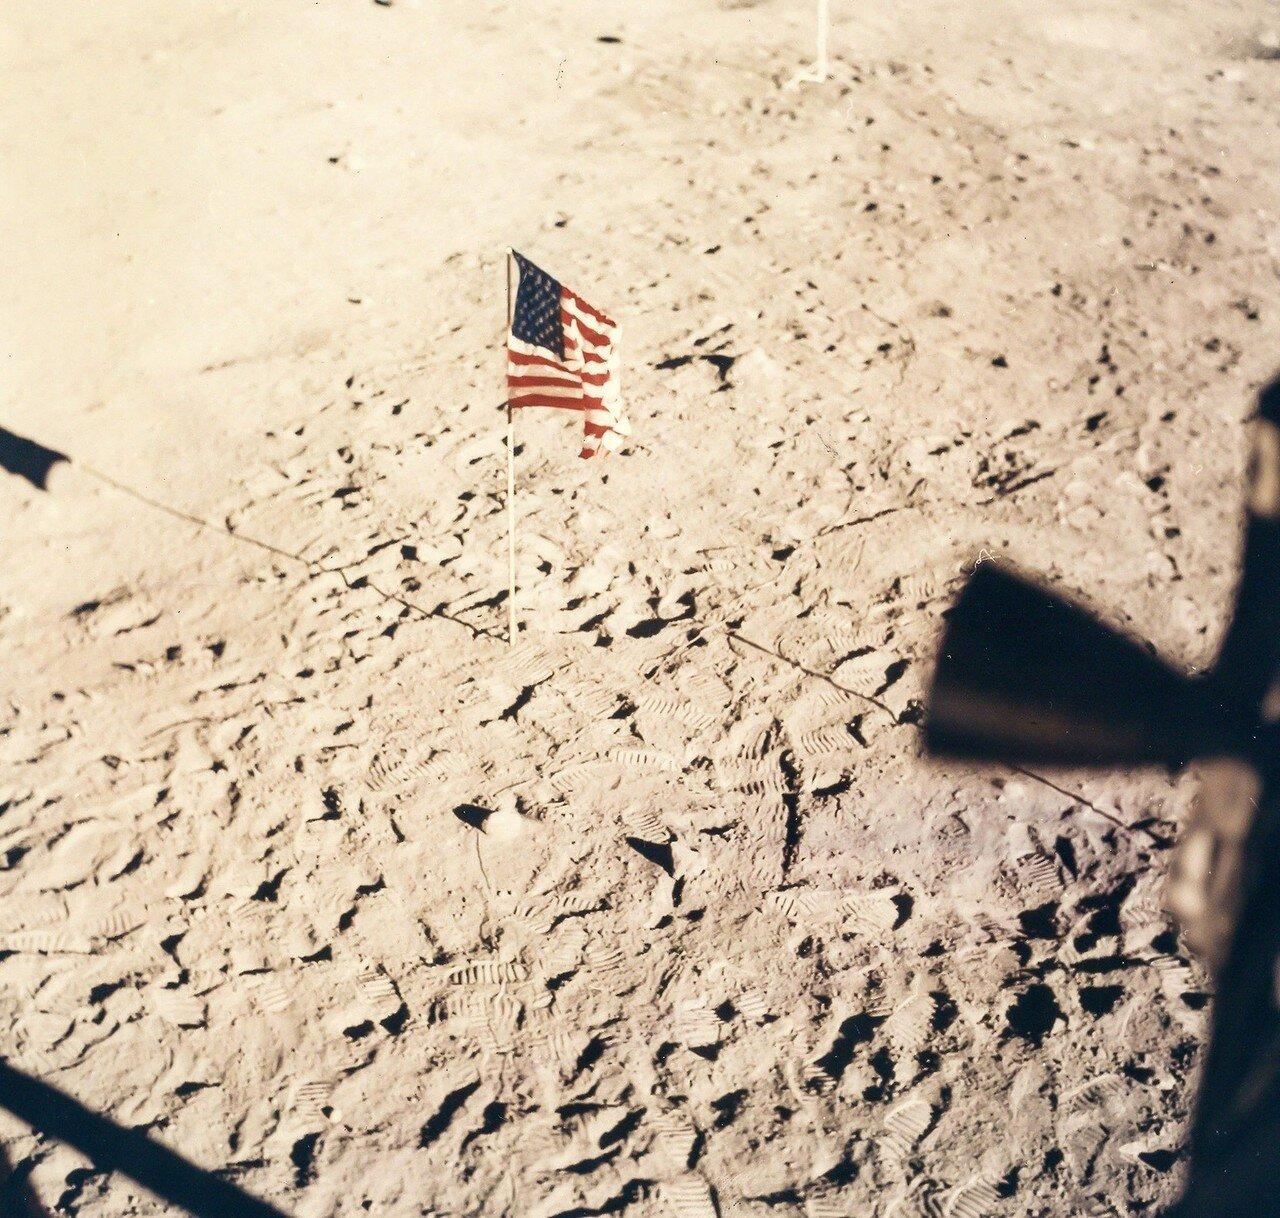 Двигатель взлётной ступени лунного модуля был включён, как и планировалось, в 124 часа 22 минуты полётного времени.На снимке: Вид из окна «Орла» после возвращения астронавтов на борт модуля